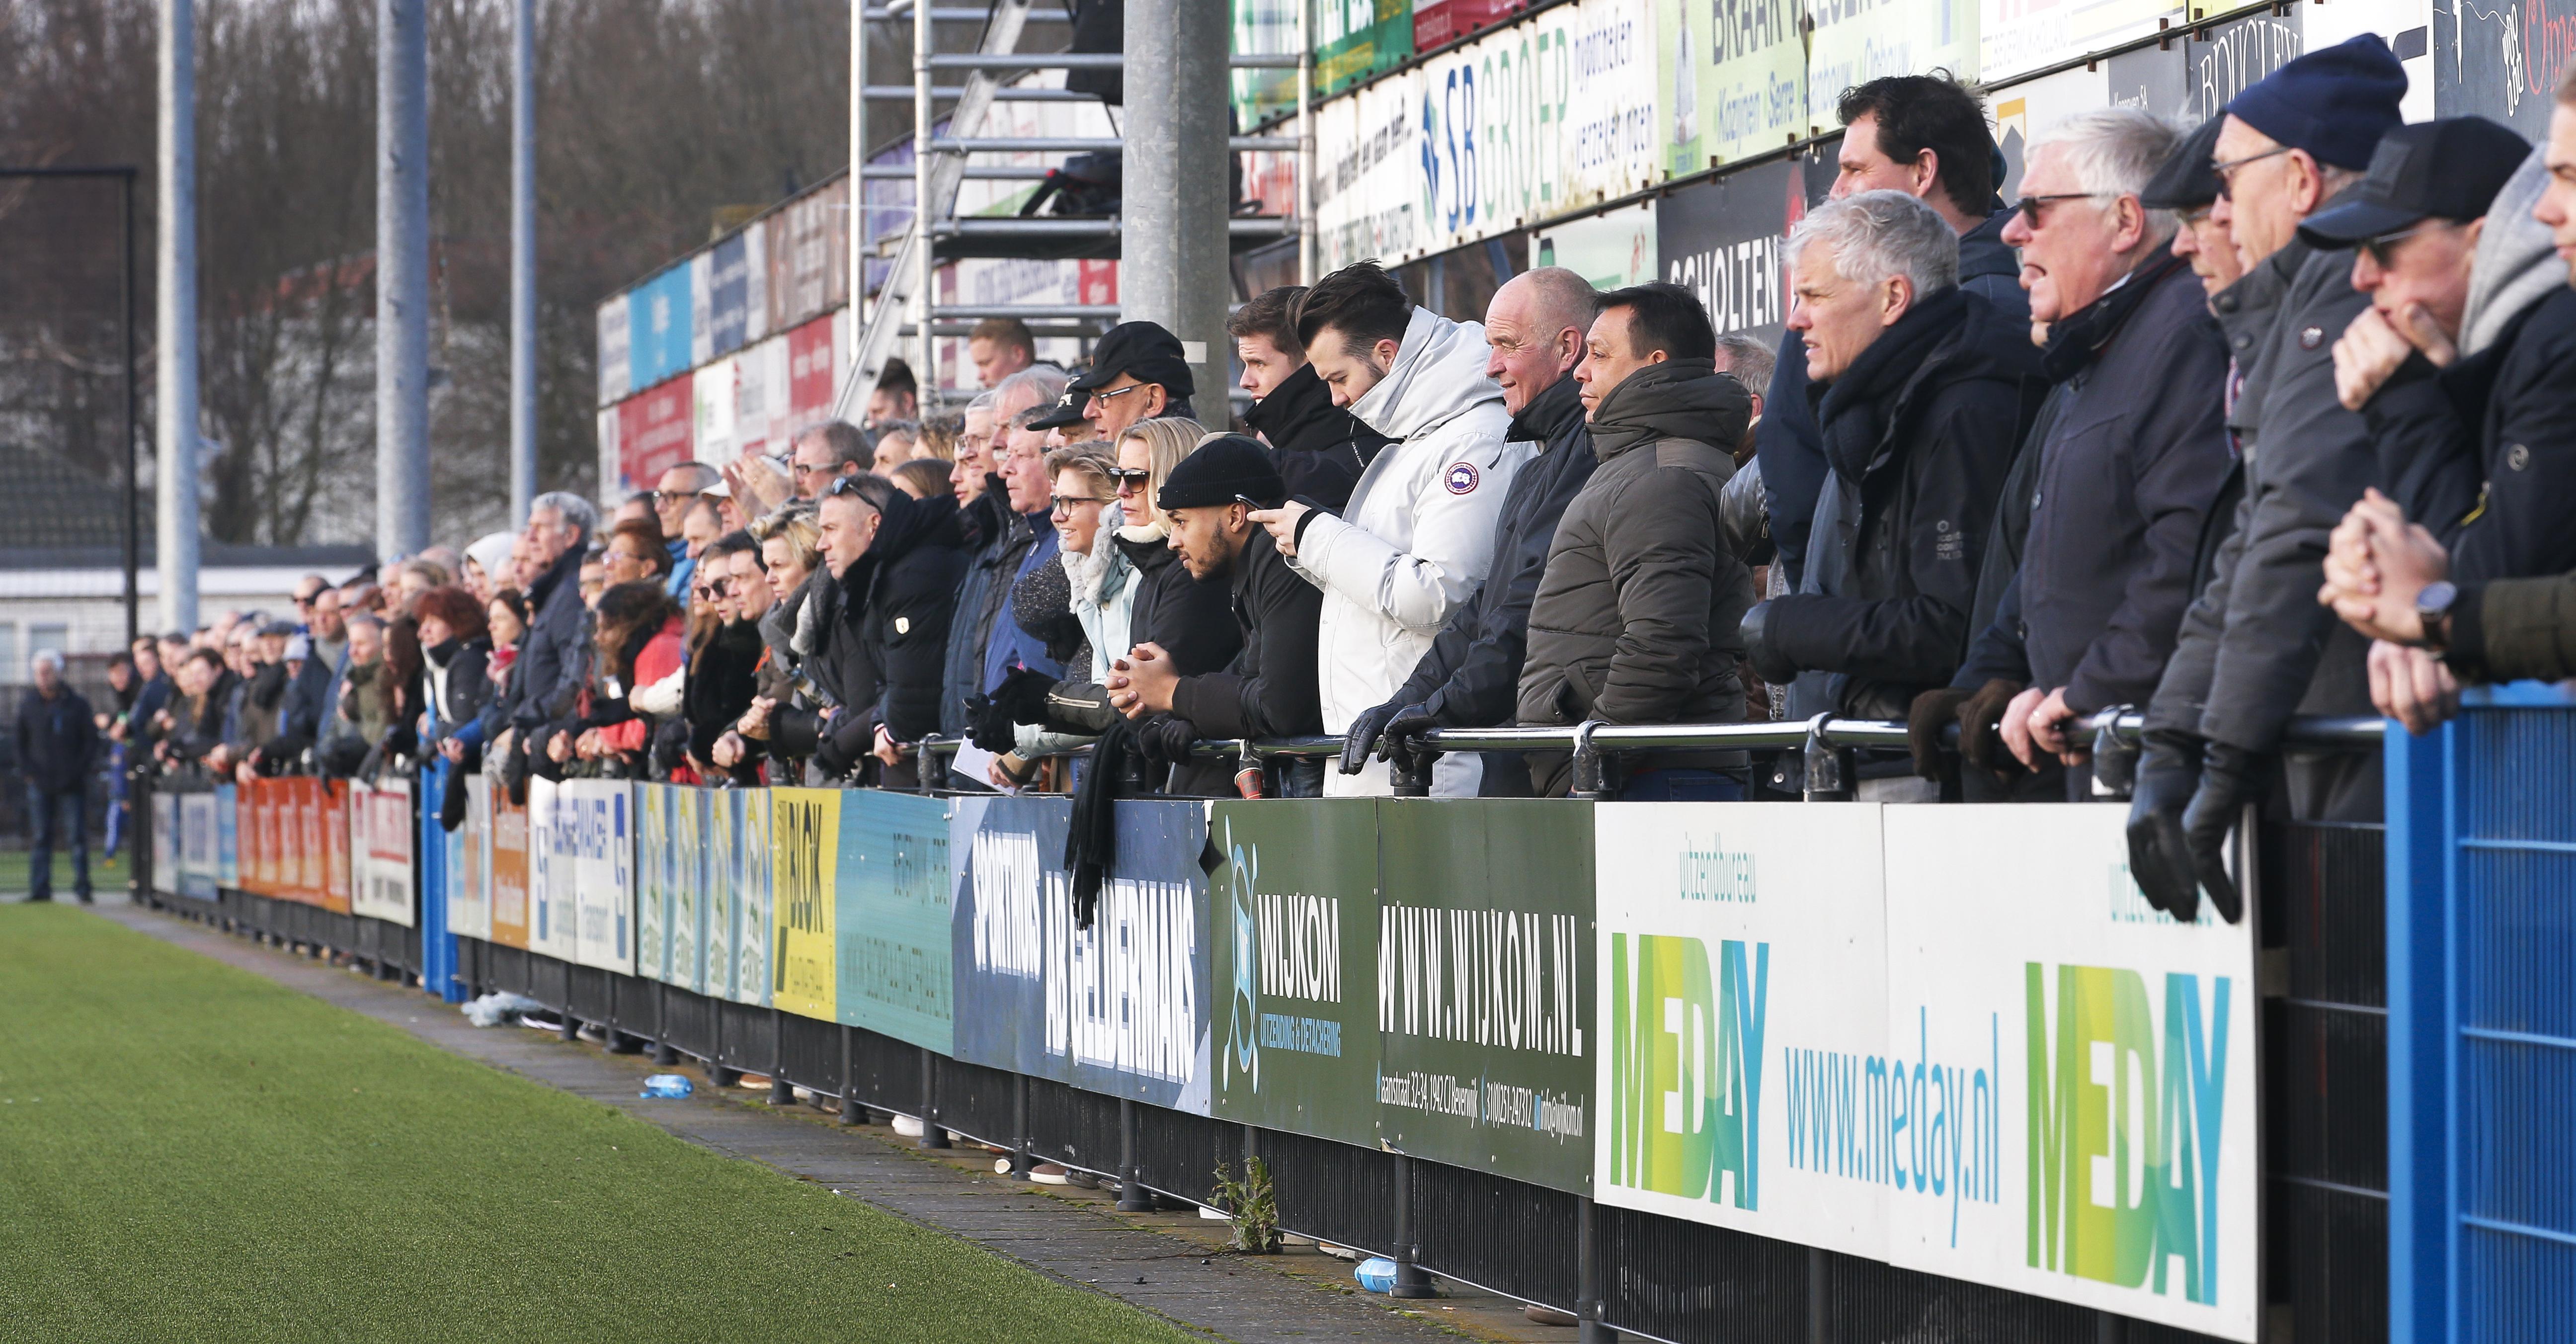 Voetbalverenigingen in de problemen omdat er niet gespeeld mag worden: 'Dit is een ramp voor de club, maar dat staat natuurlijk in een schril contrast met de gevolgen voor de gezondheid'